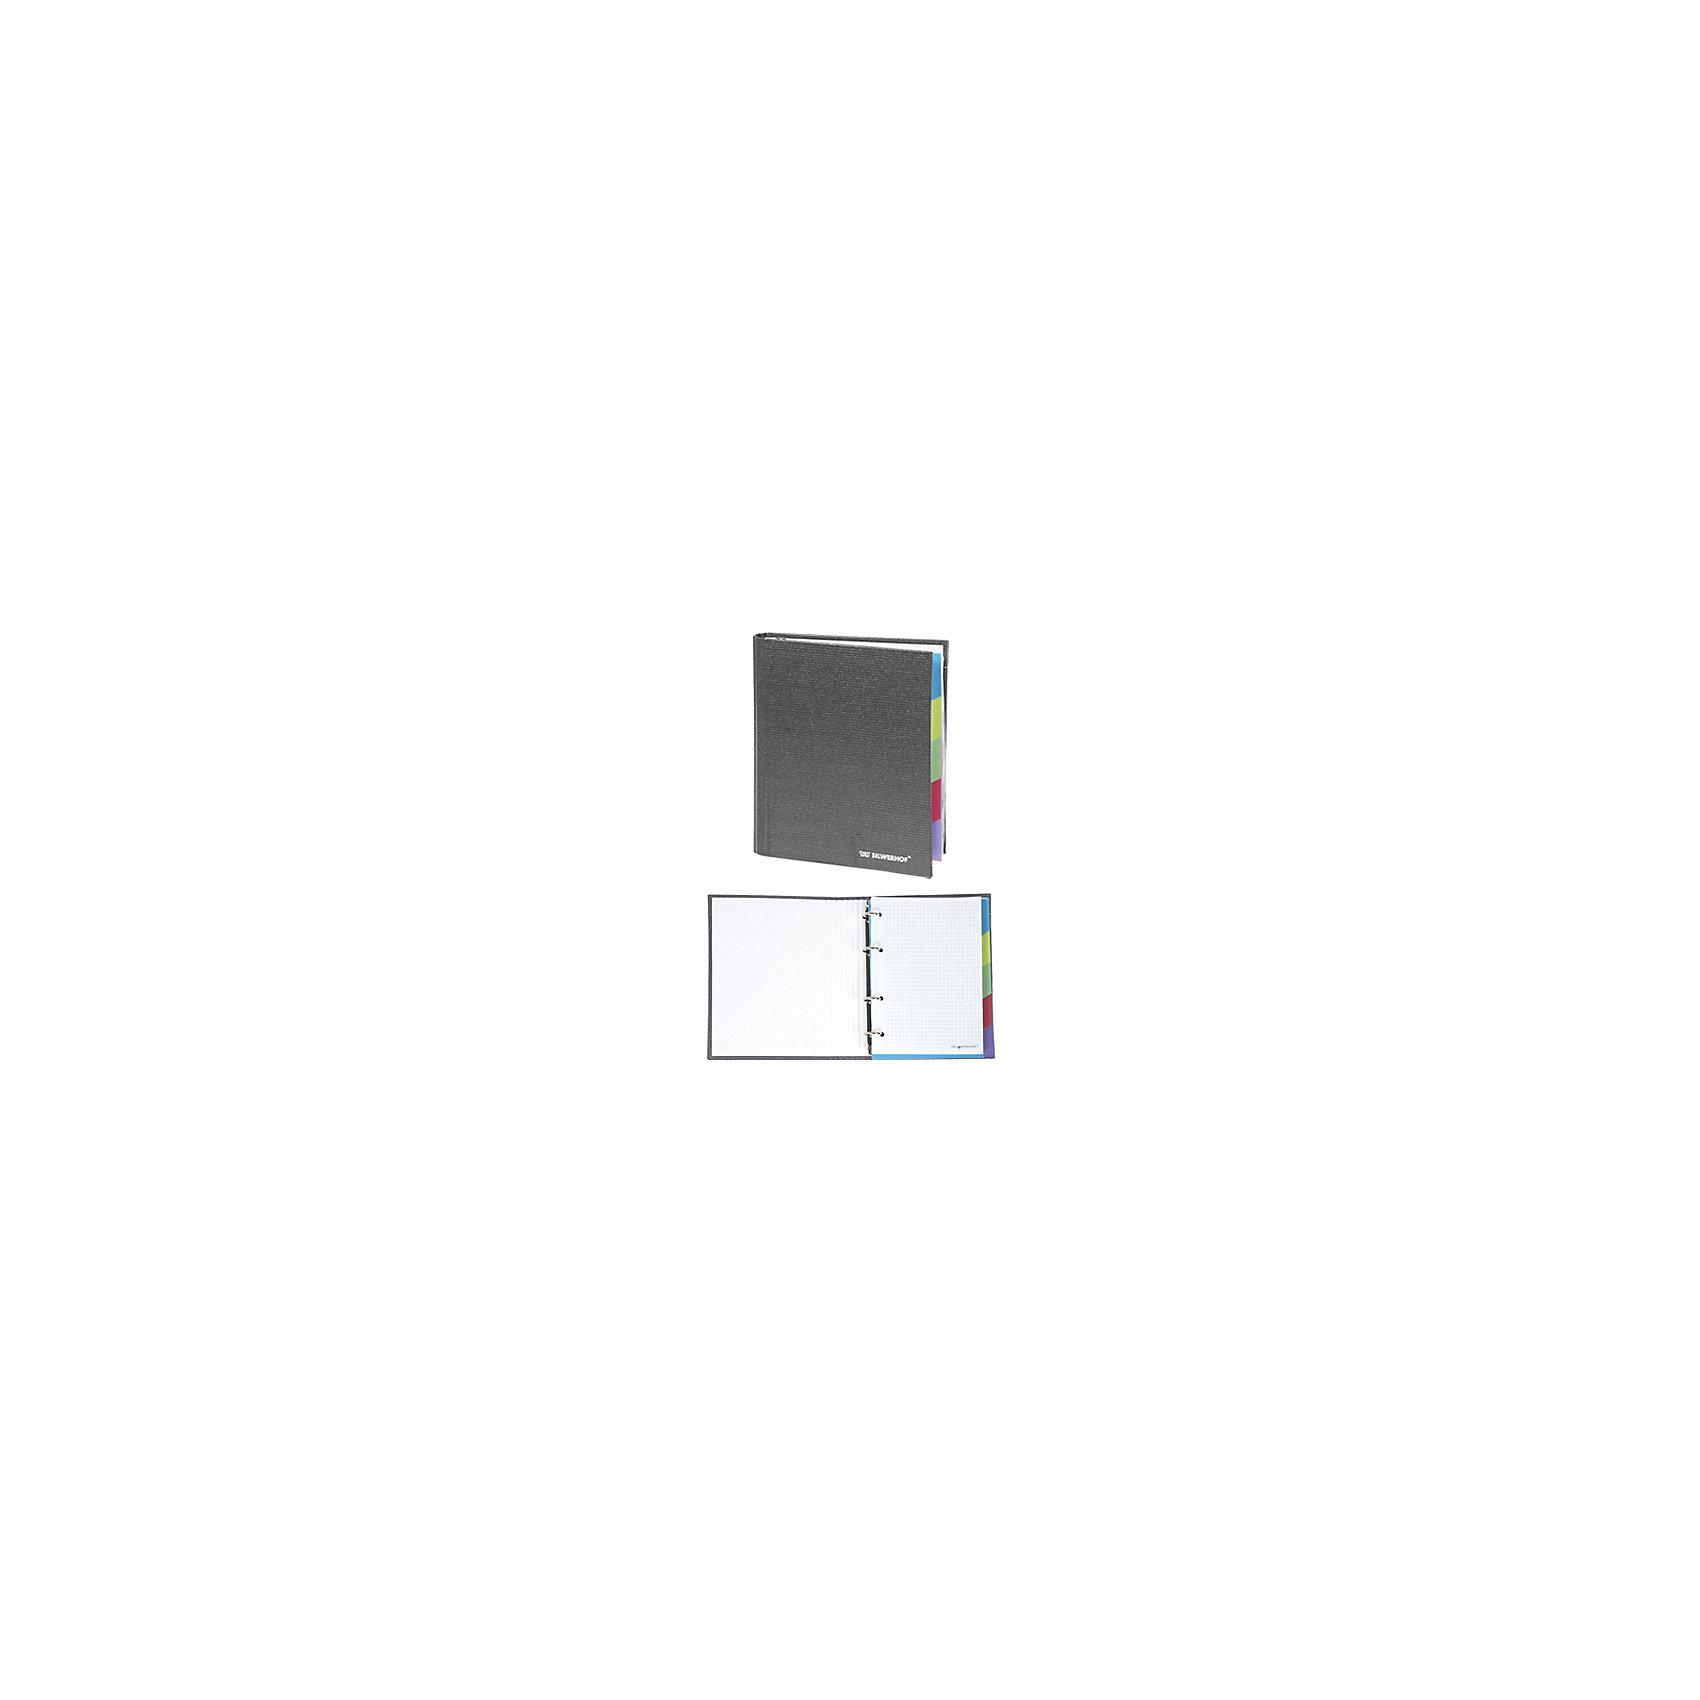 Silwerhof Тетрадь на кольцах А5 LINEA 160 листов, с разделителями, сераяБумажная продукция<br>Тетрадь на кольцах формата А5 160 листов, с пятью цветными разделителями. Плотная обложка, покрытая современным переплетным материалом балакрон.<br><br>Ширина мм: 220<br>Глубина мм: 160<br>Высота мм: 45<br>Вес г: 175<br>Возраст от месяцев: 72<br>Возраст до месяцев: 2147483647<br>Пол: Унисекс<br>Возраст: Детский<br>SKU: 6725492